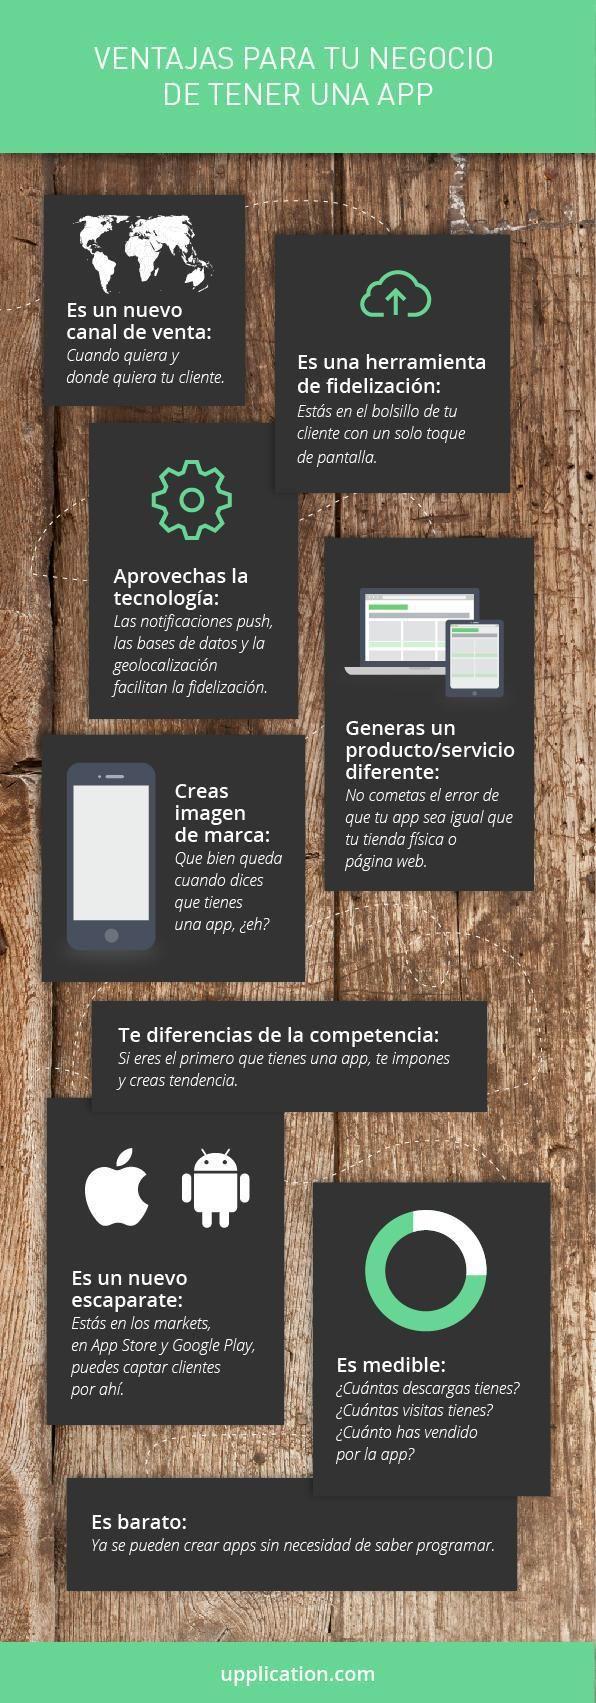 Ventajas de una app para tu empresa #infografia #infographic #software